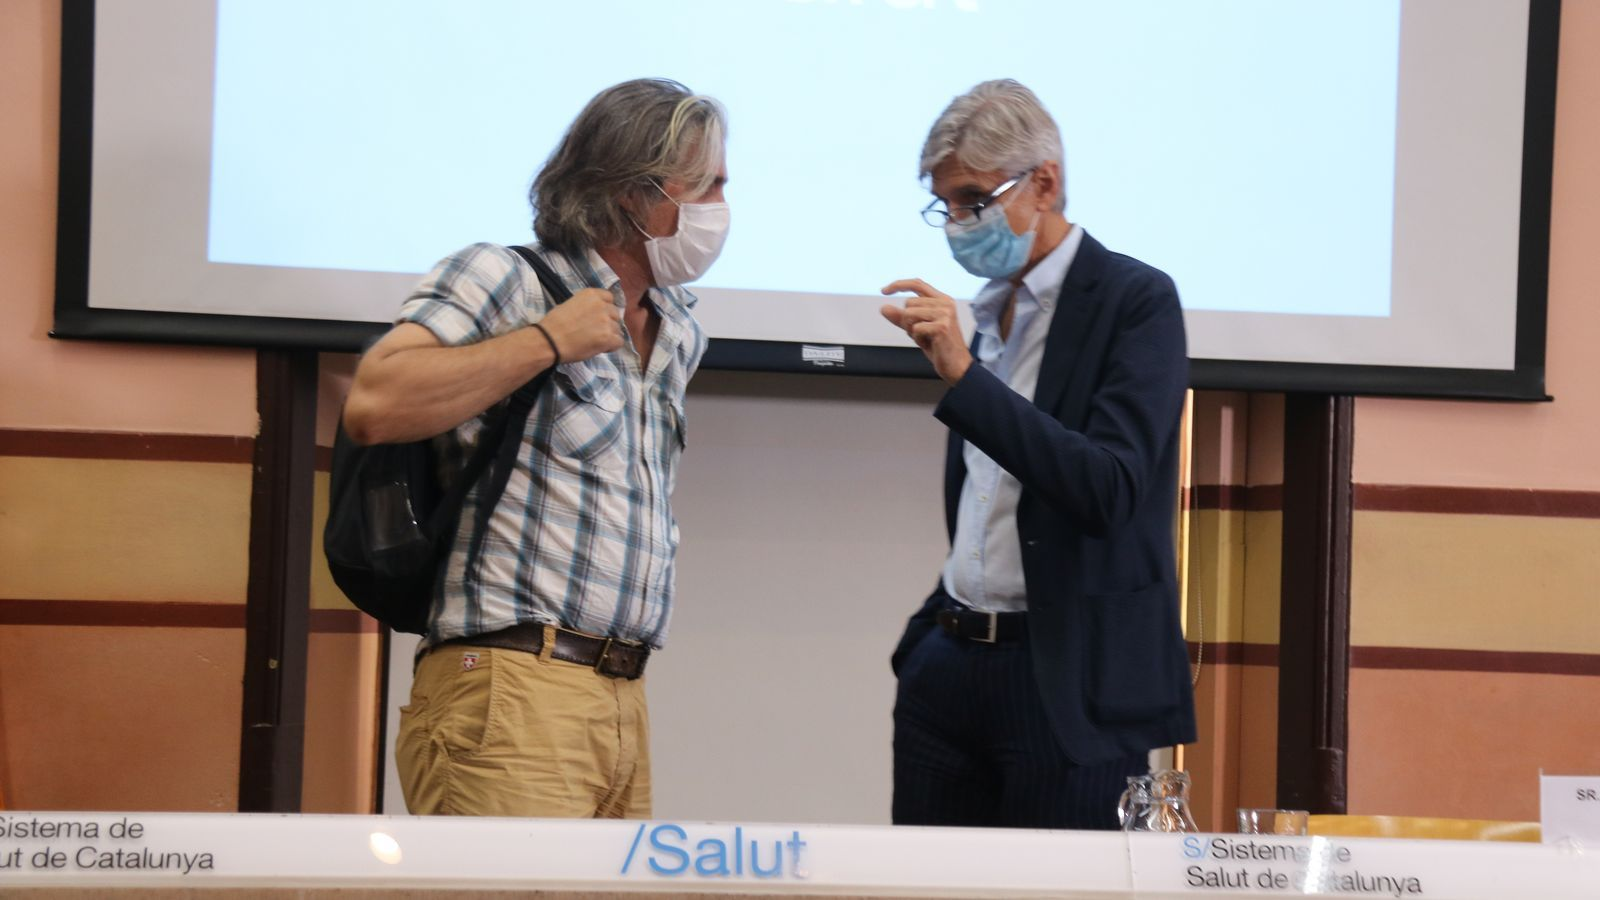 EN DIRECTE | Josep Maria Argimon i Jacobo Mendioroz analitzen la situació epidemiològica de Catalunya